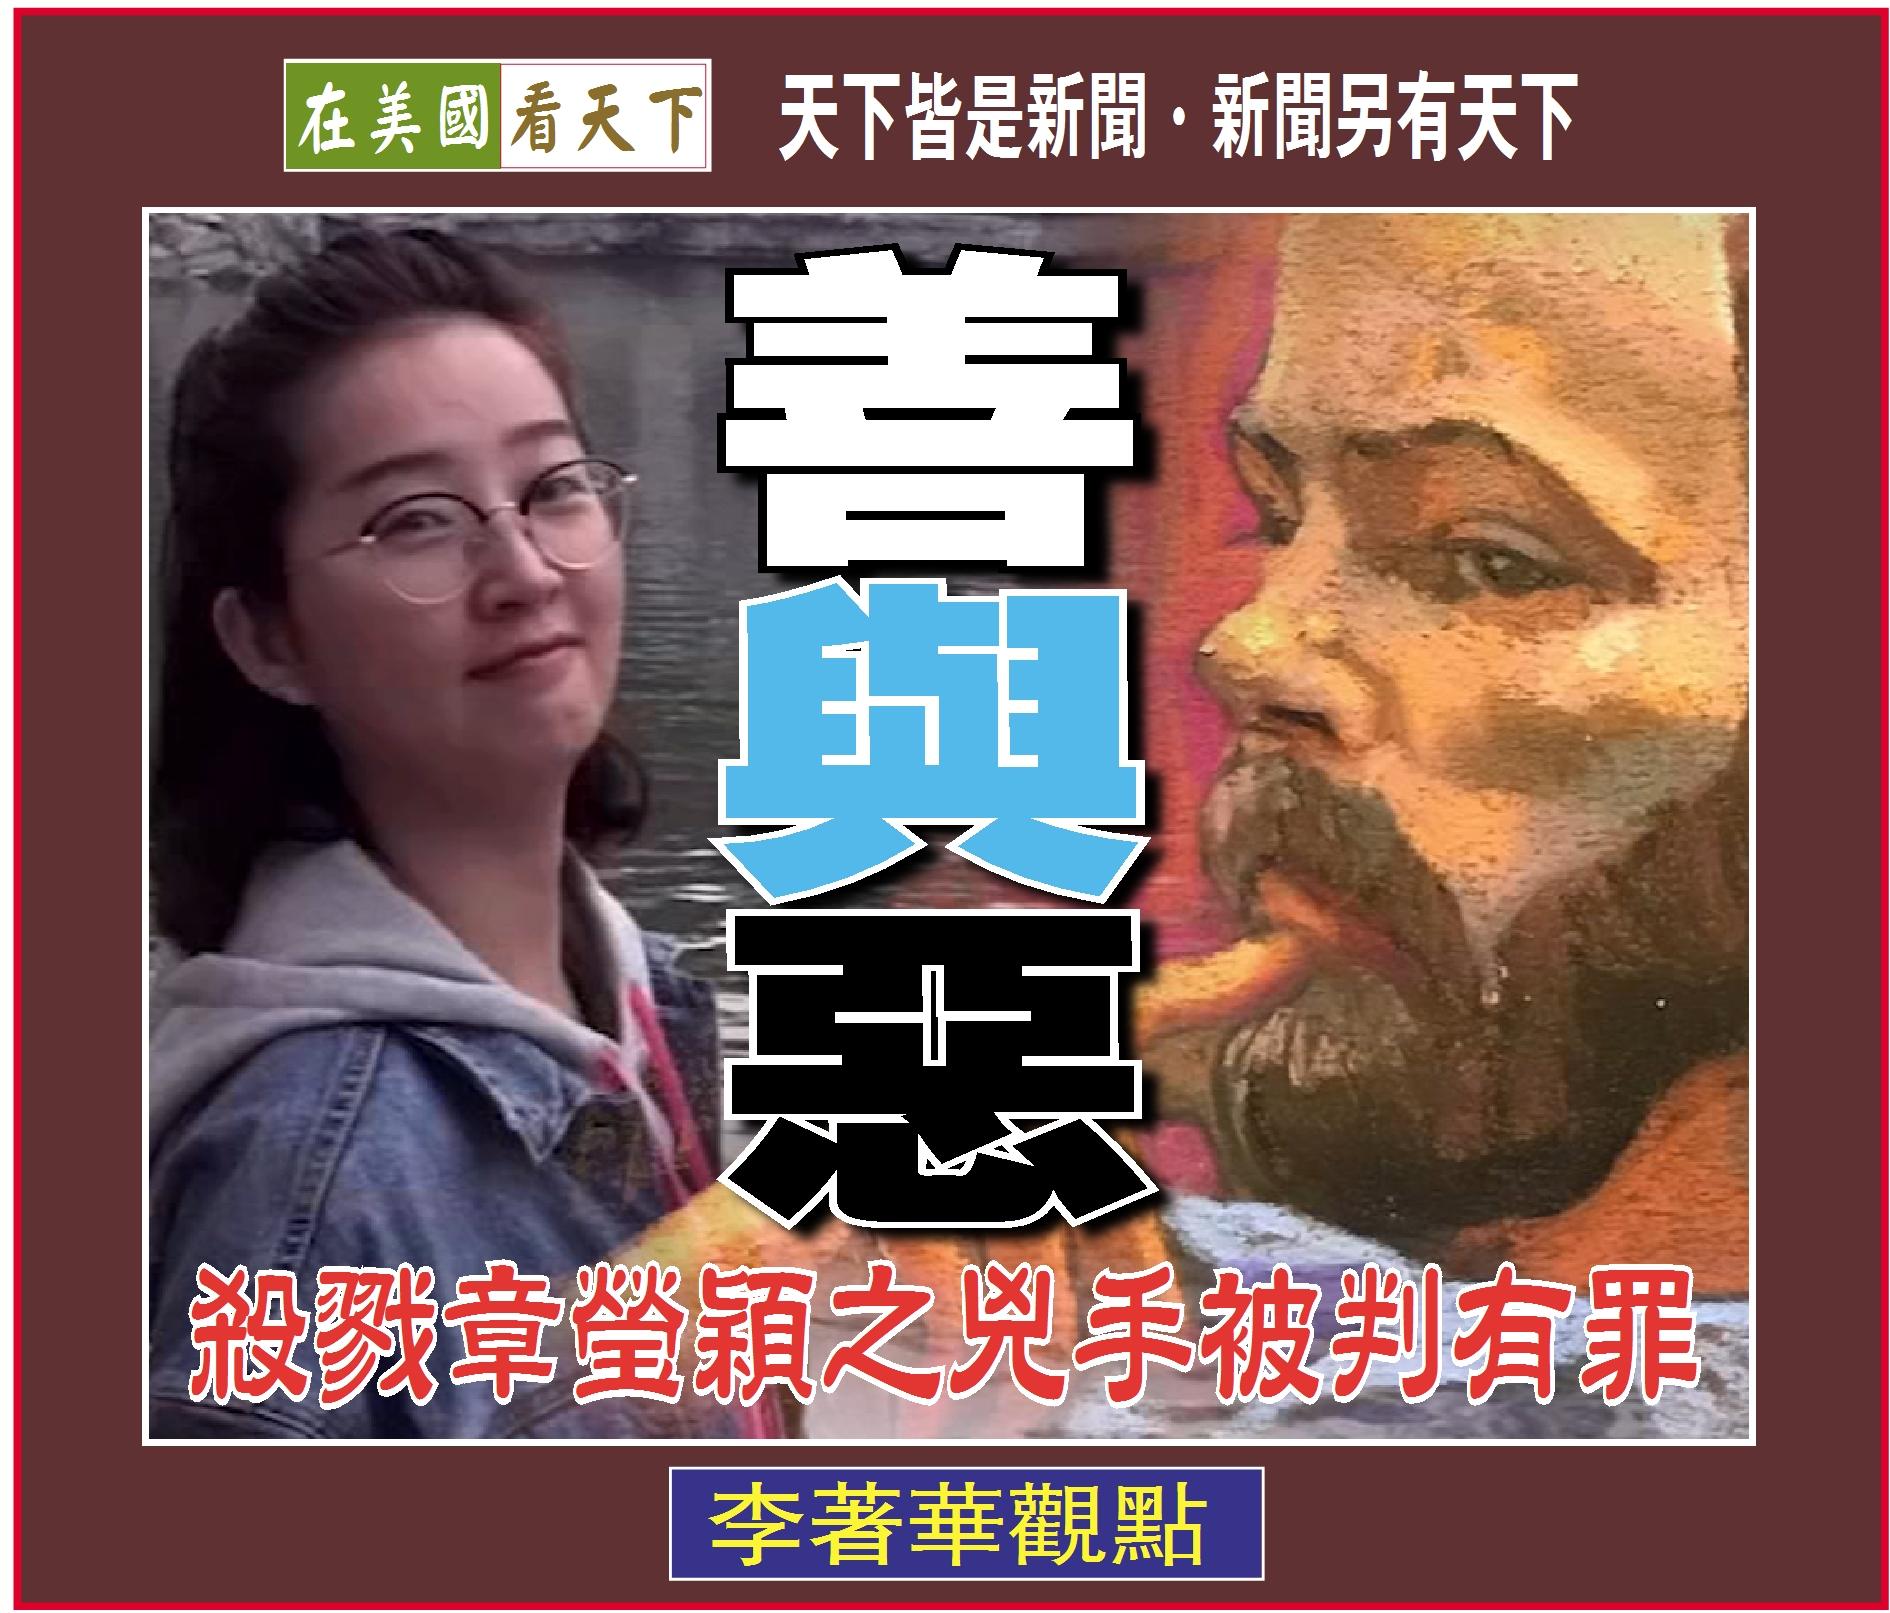 062519-善與惡--殺戮章瑩穎之兇手被判有罪-1.jpg